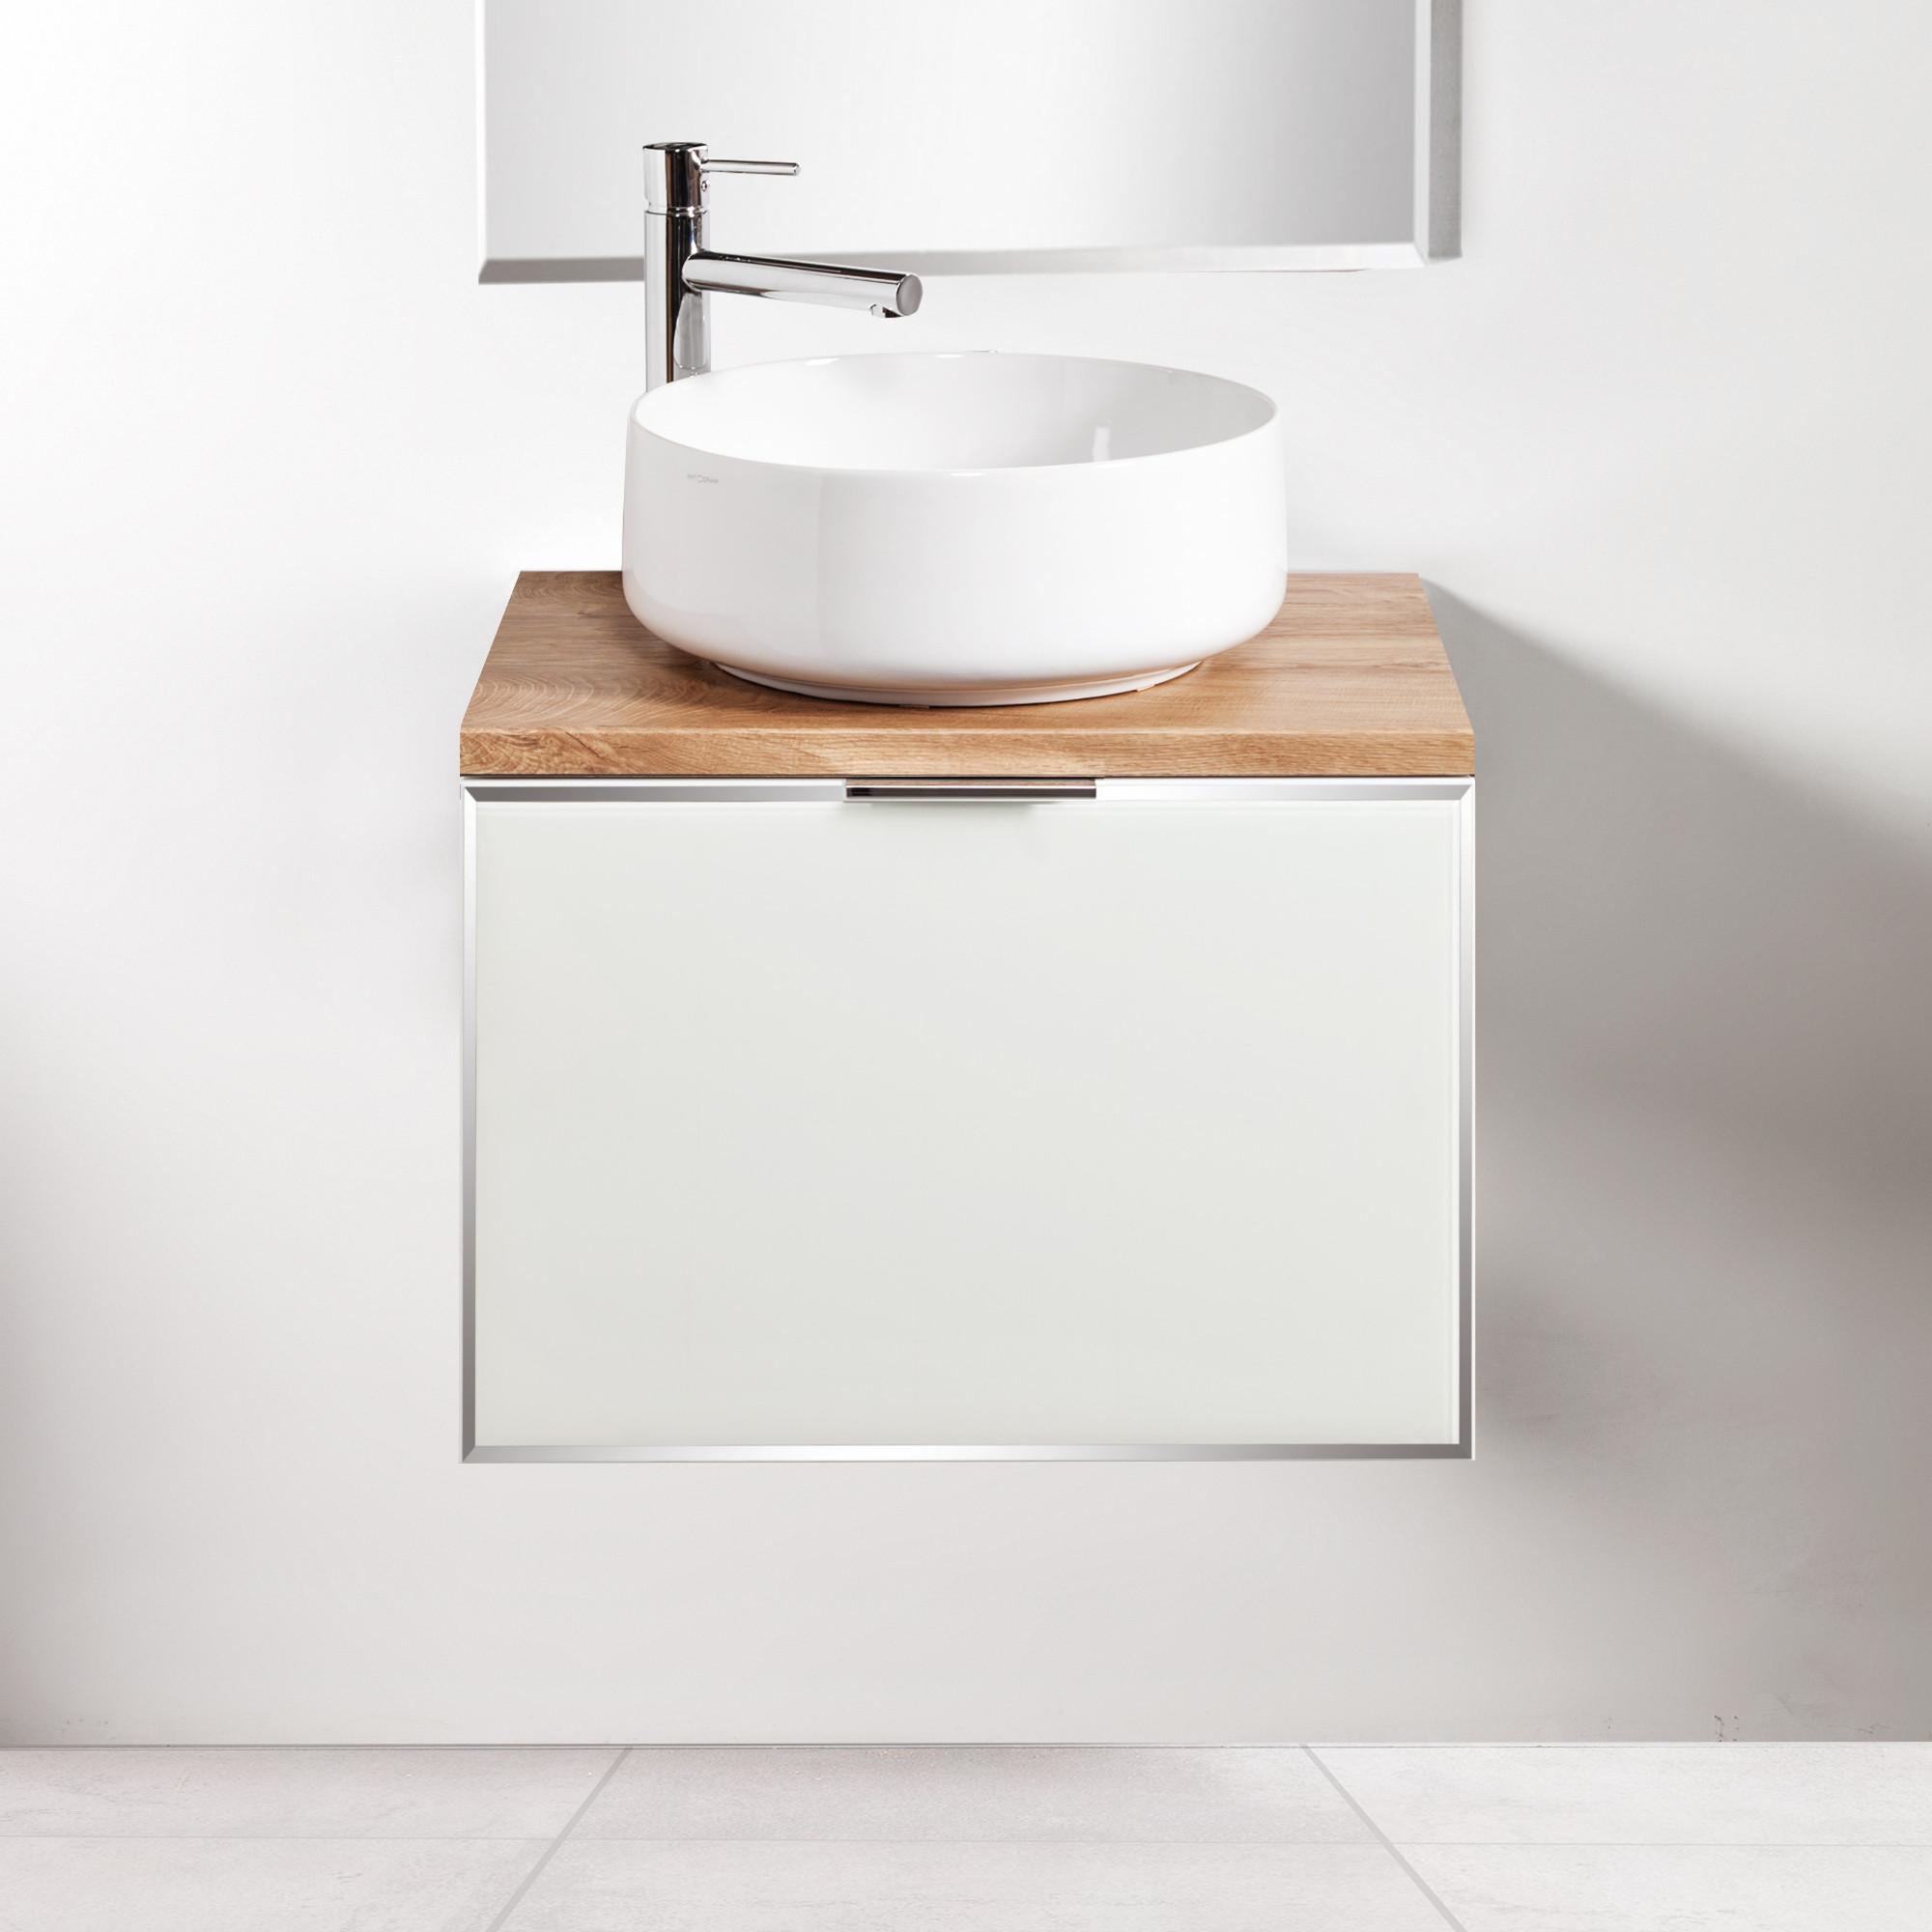 Szafka łazienkowa Sanitti Delta 60 cm kolor frontu biały z blatem dąb classic i umywalką Art-42